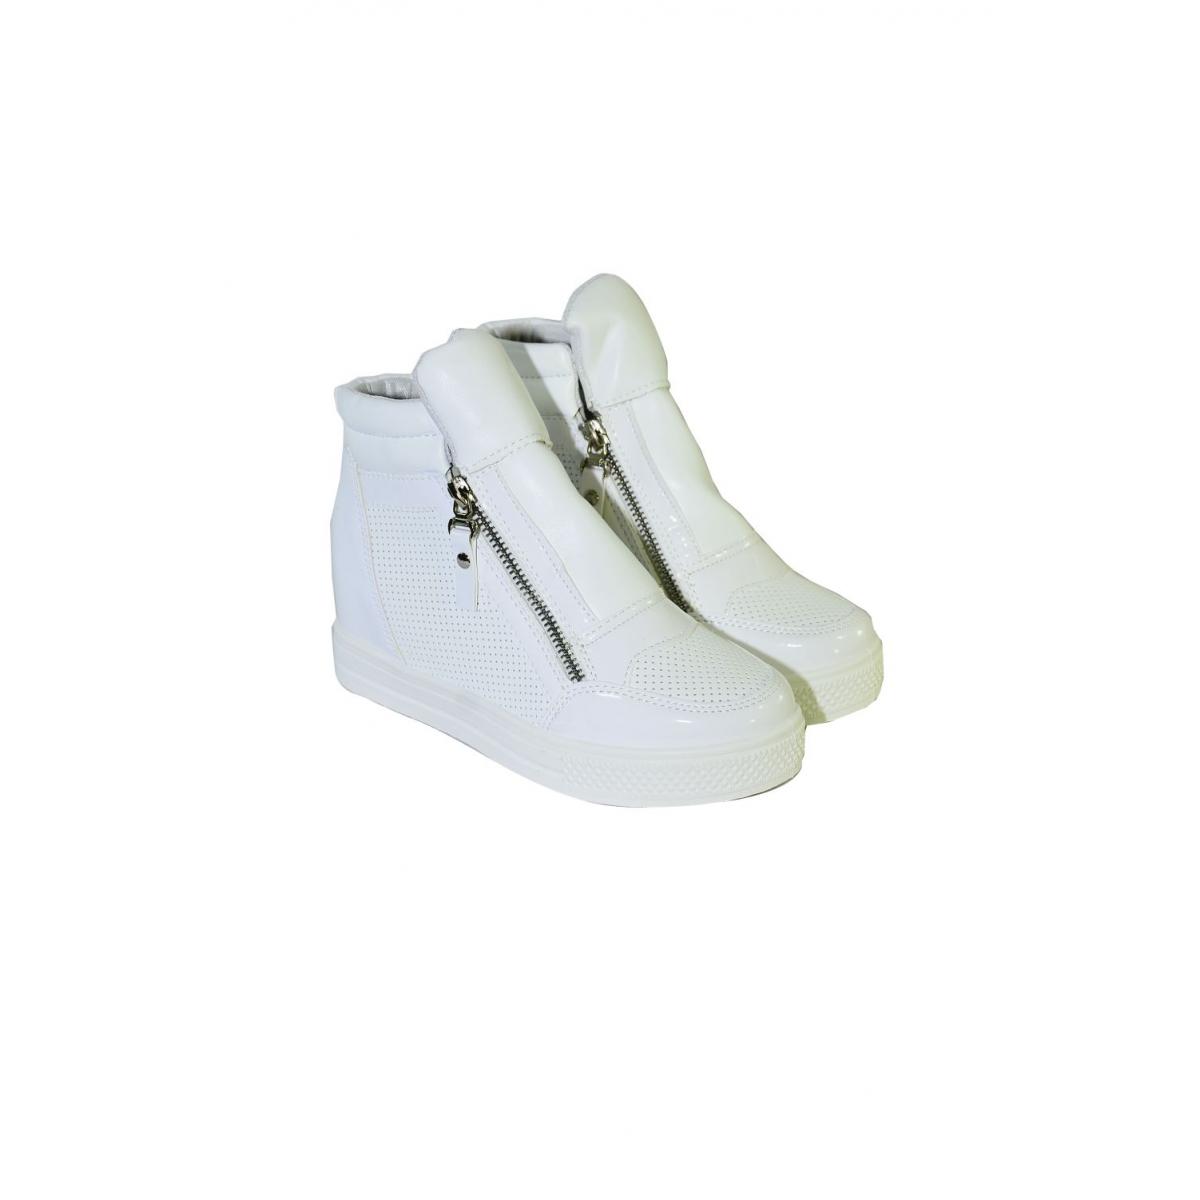 00fed3dc0789 Dámske biele tenisky NOVELY - 2